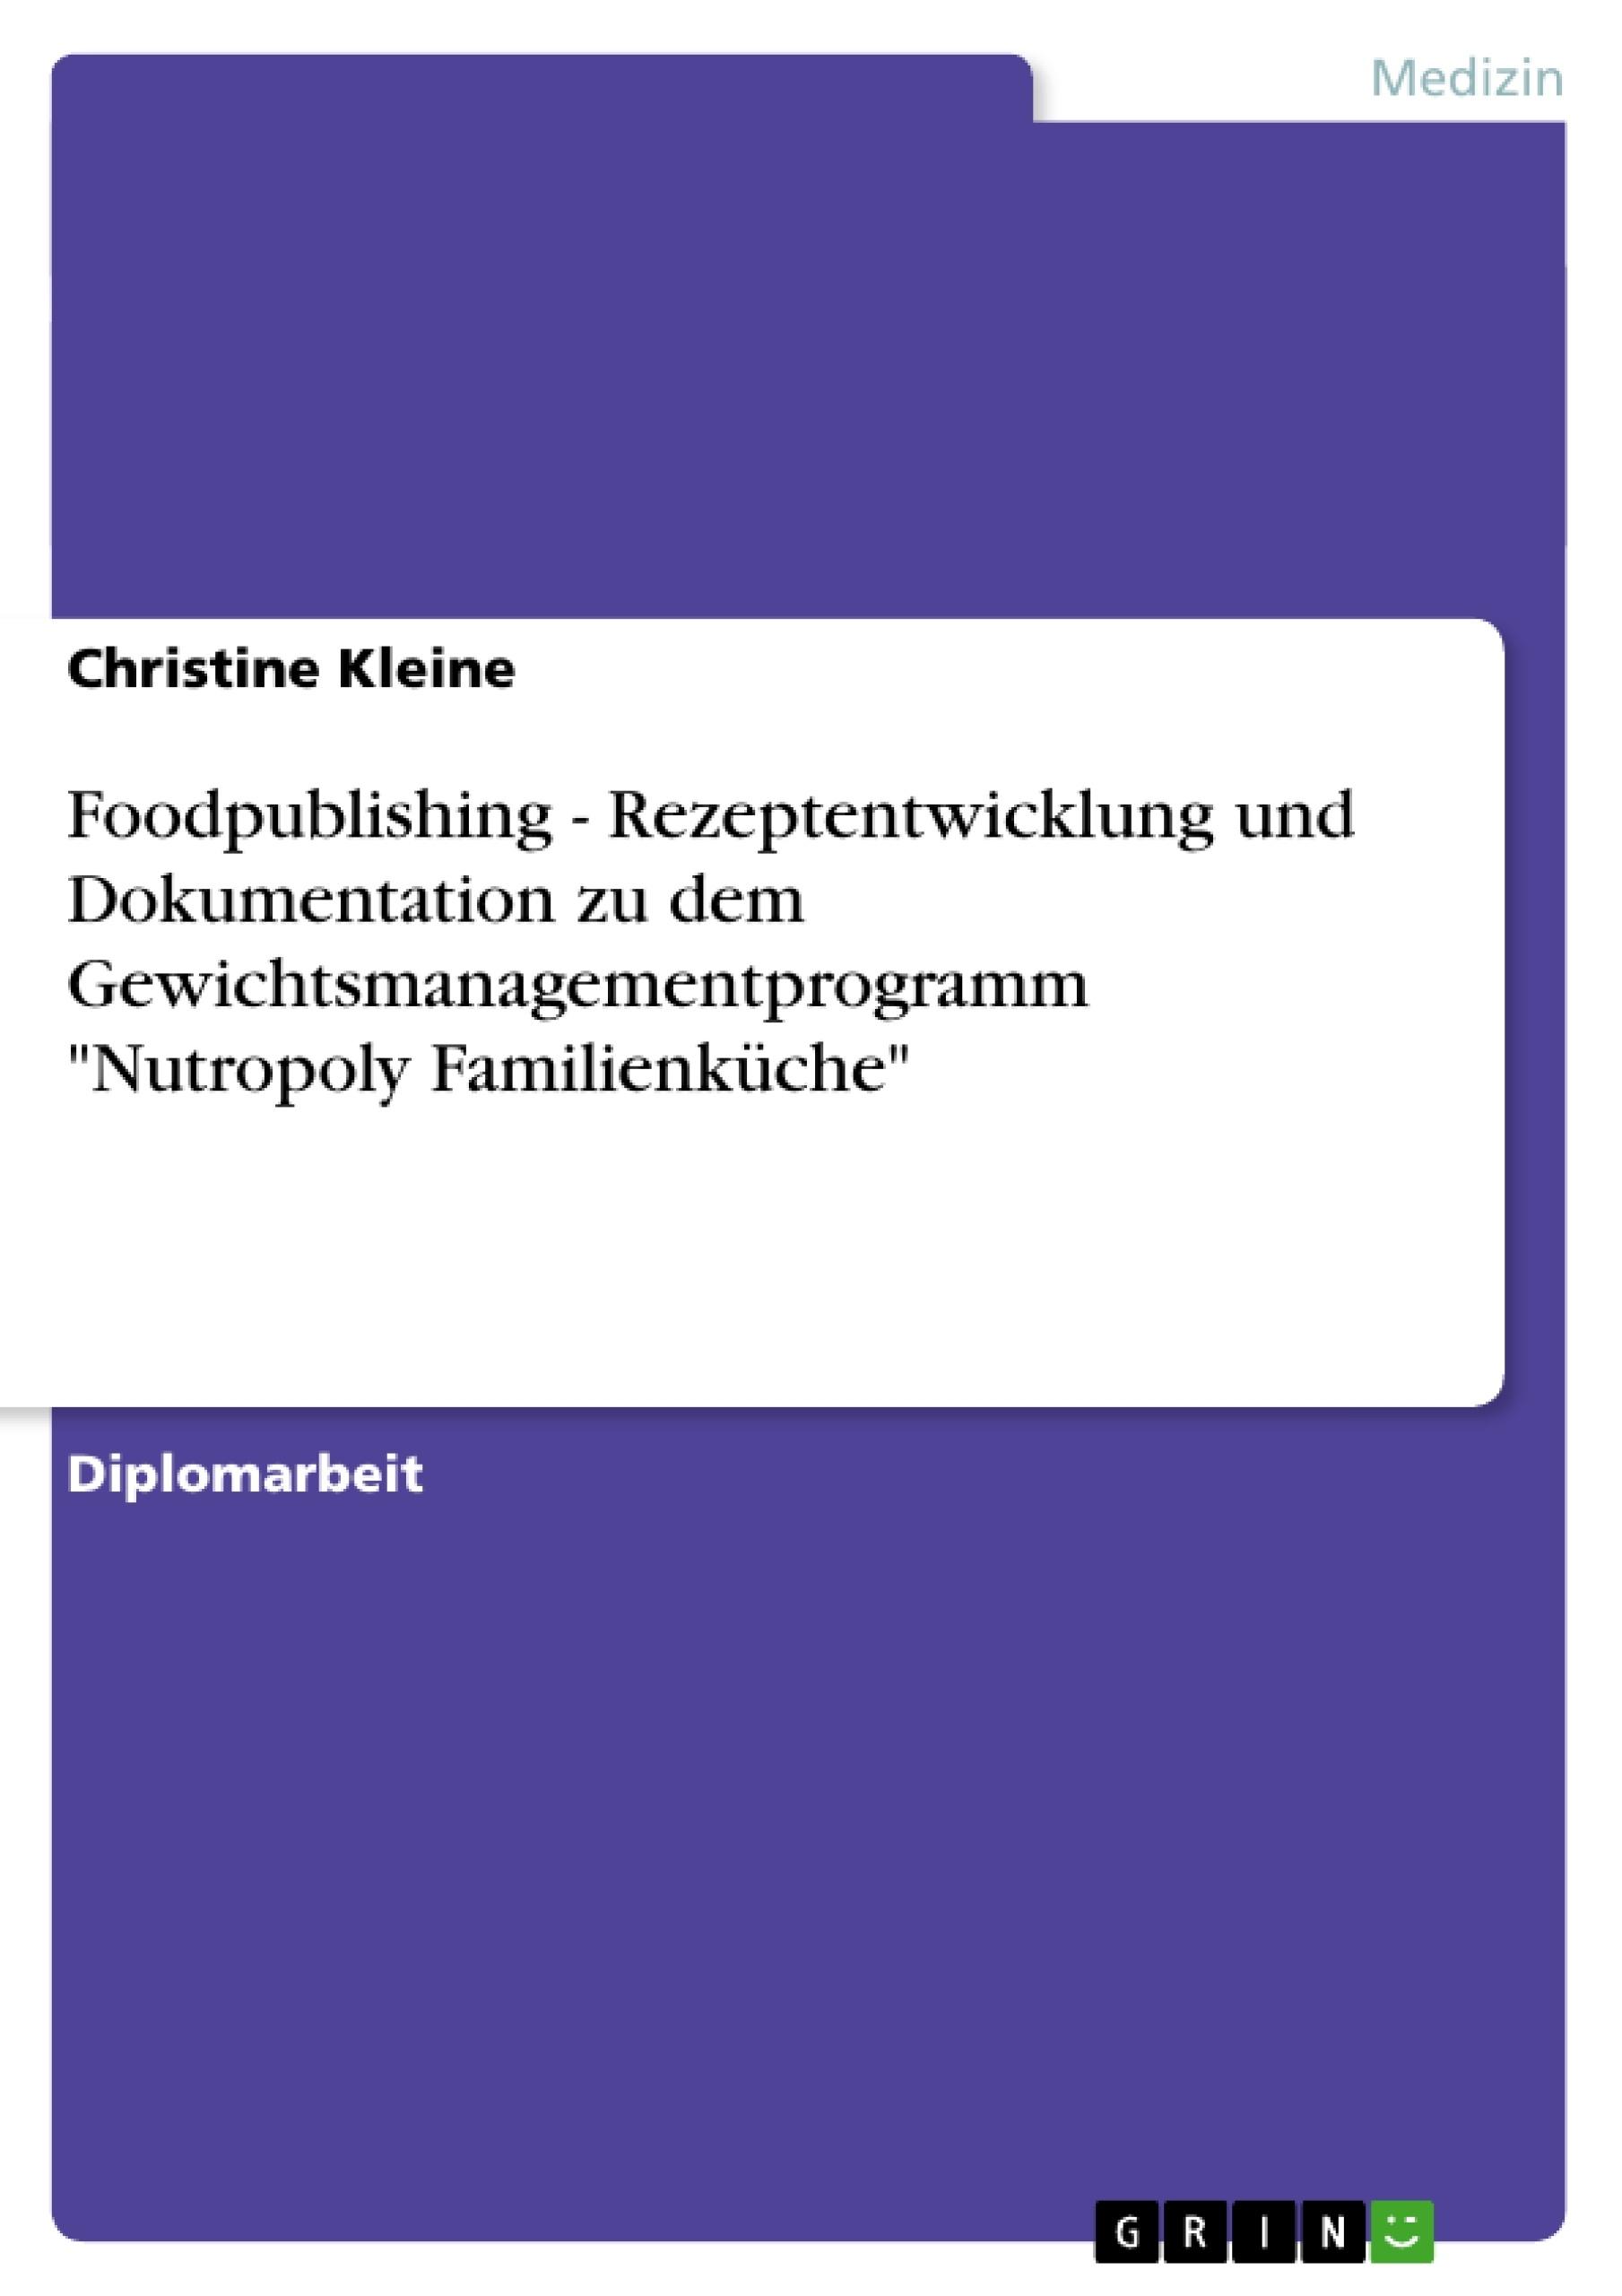 Foodpublishing - Rezeptentwicklung und Dokumentation zu dem ...